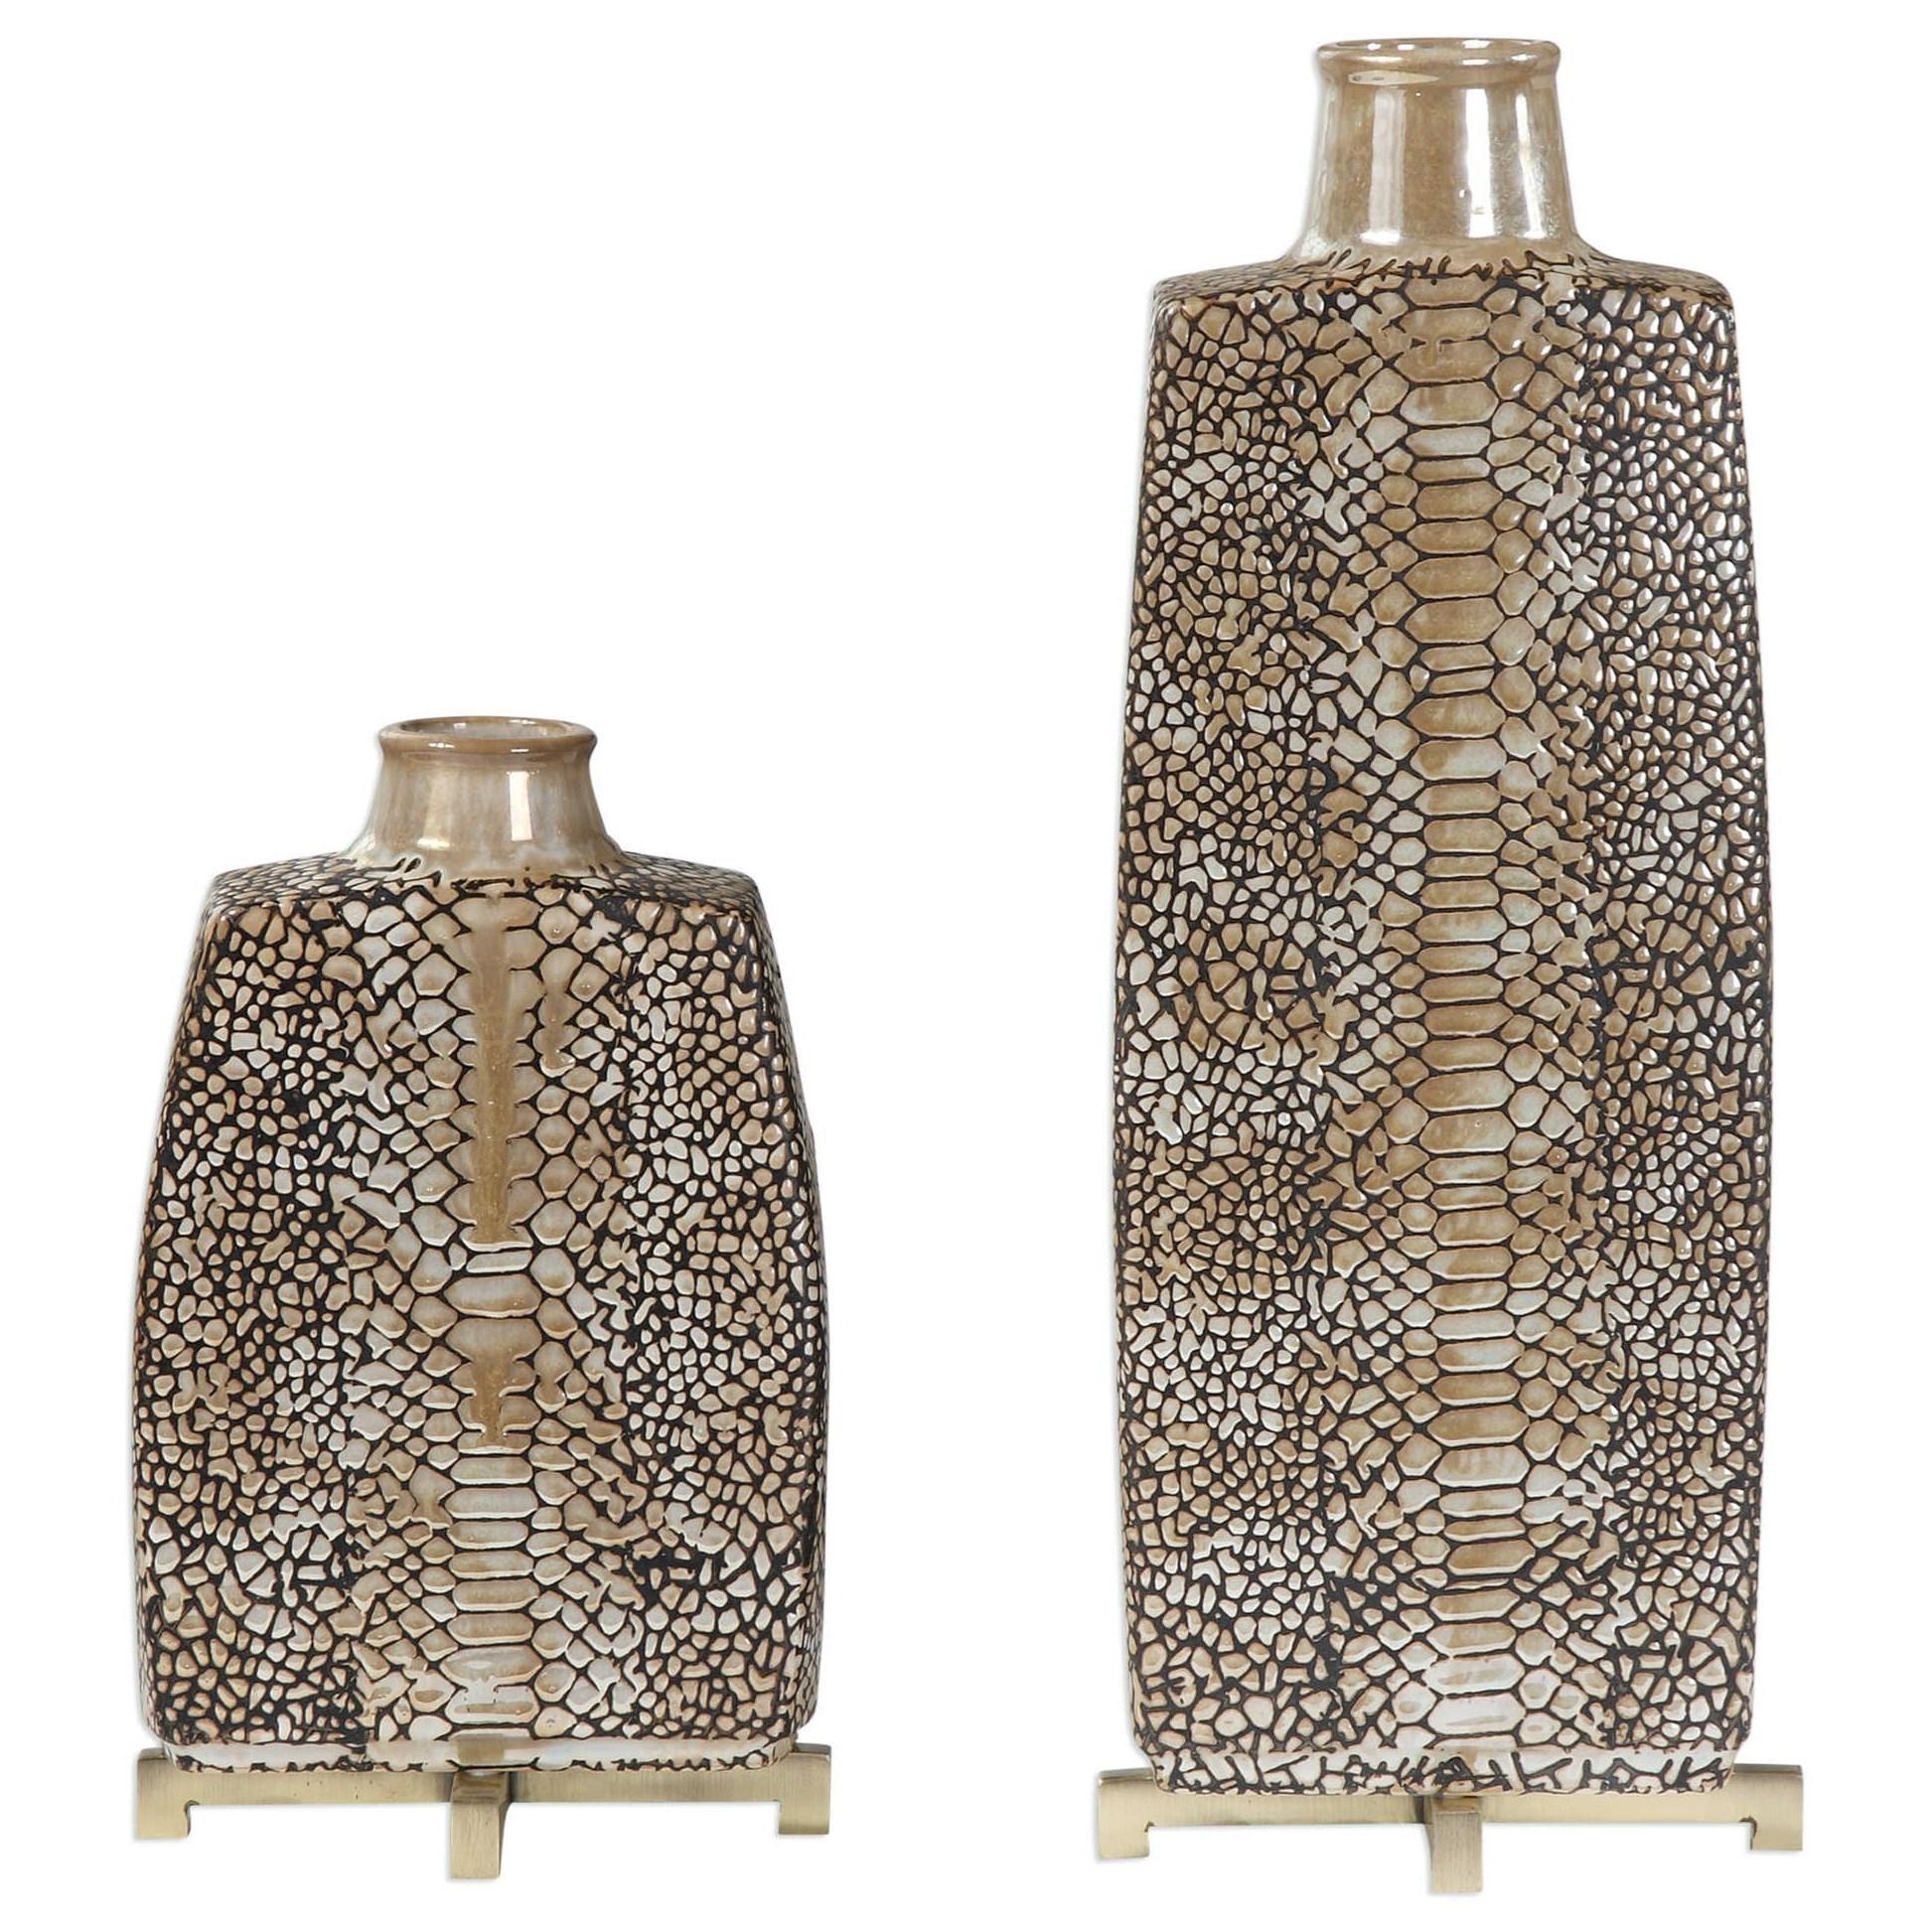 Reptila Textured Ceramic Vases Set of 2